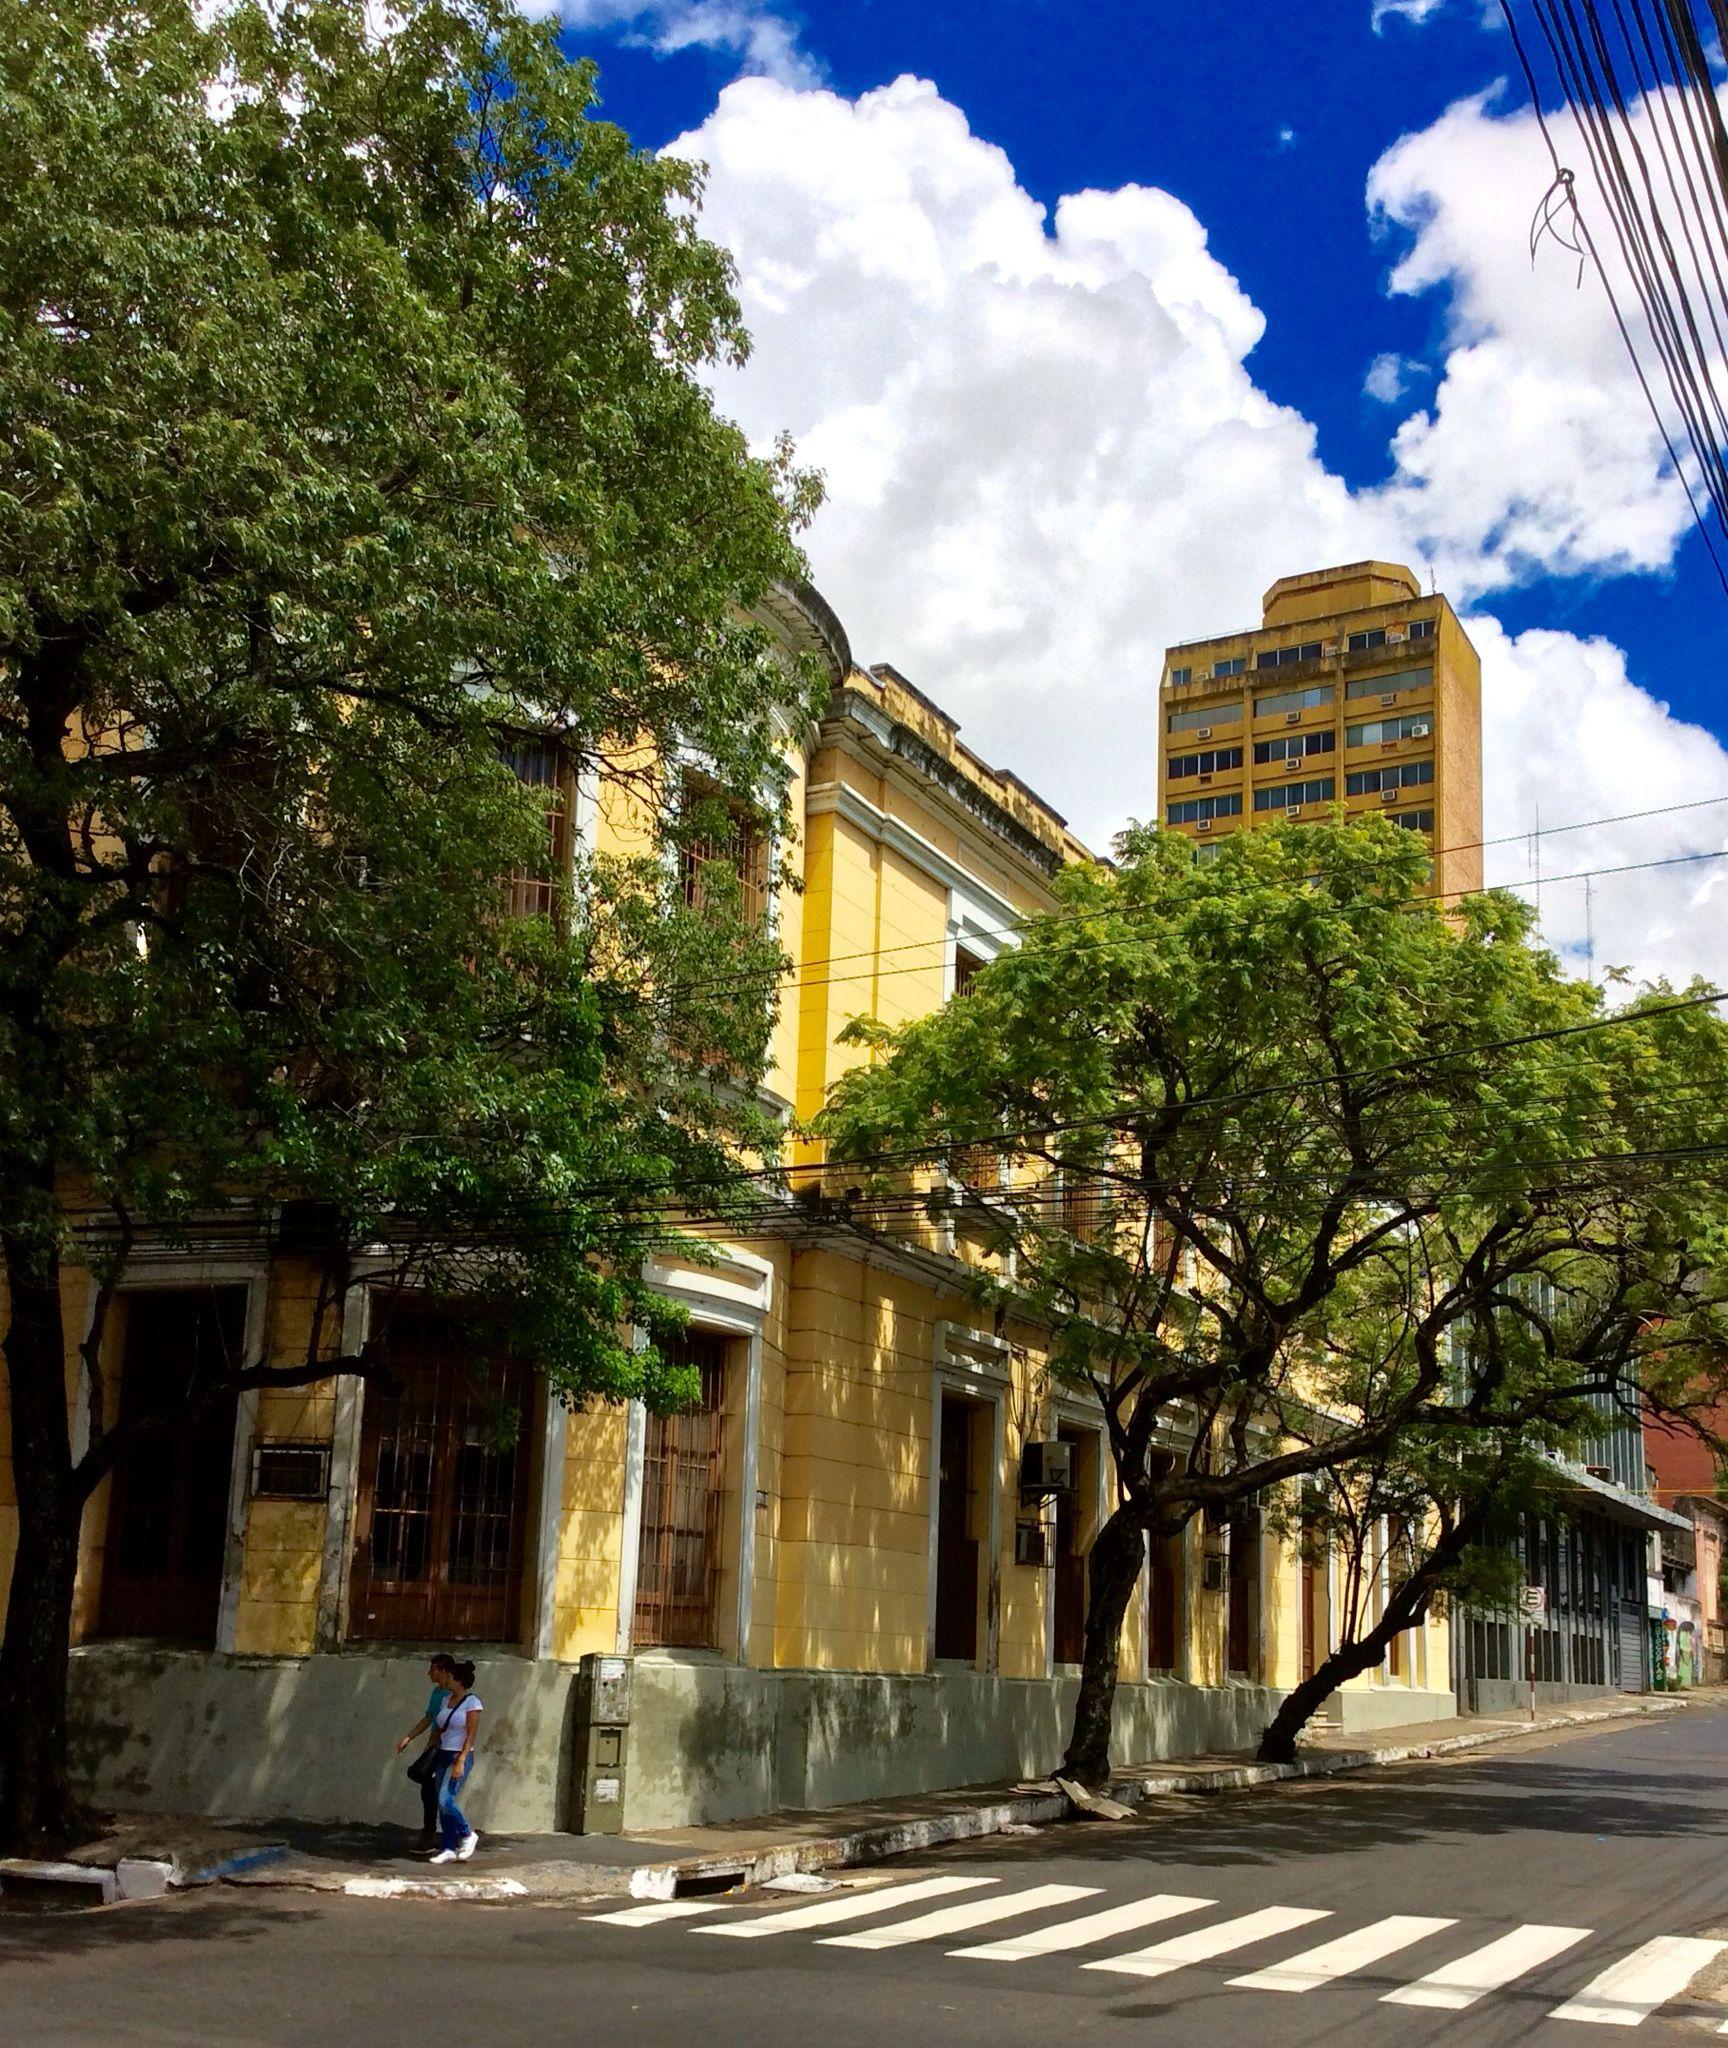 Edificio Antiguo Y Arboles Asuncion Paraguay Structures Road Alley